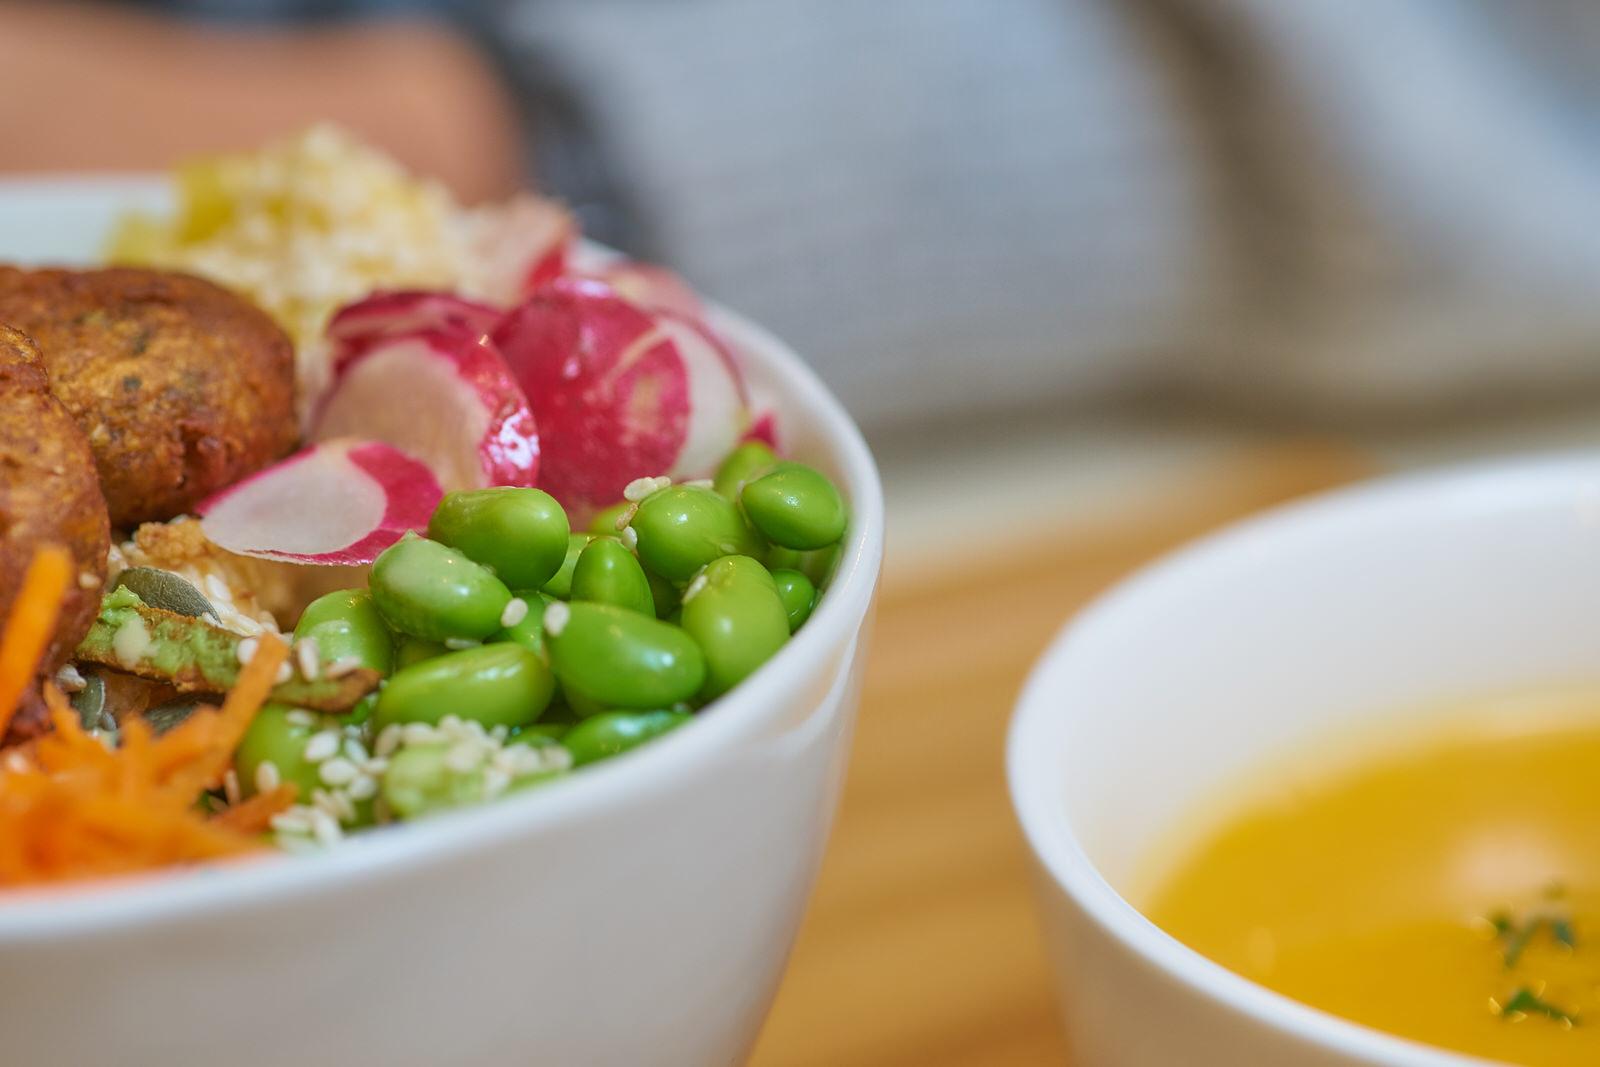 restaurant - Poke Bowl - photo culinaire - Bordeaux - Thierry Pousset - Photographe professionnel